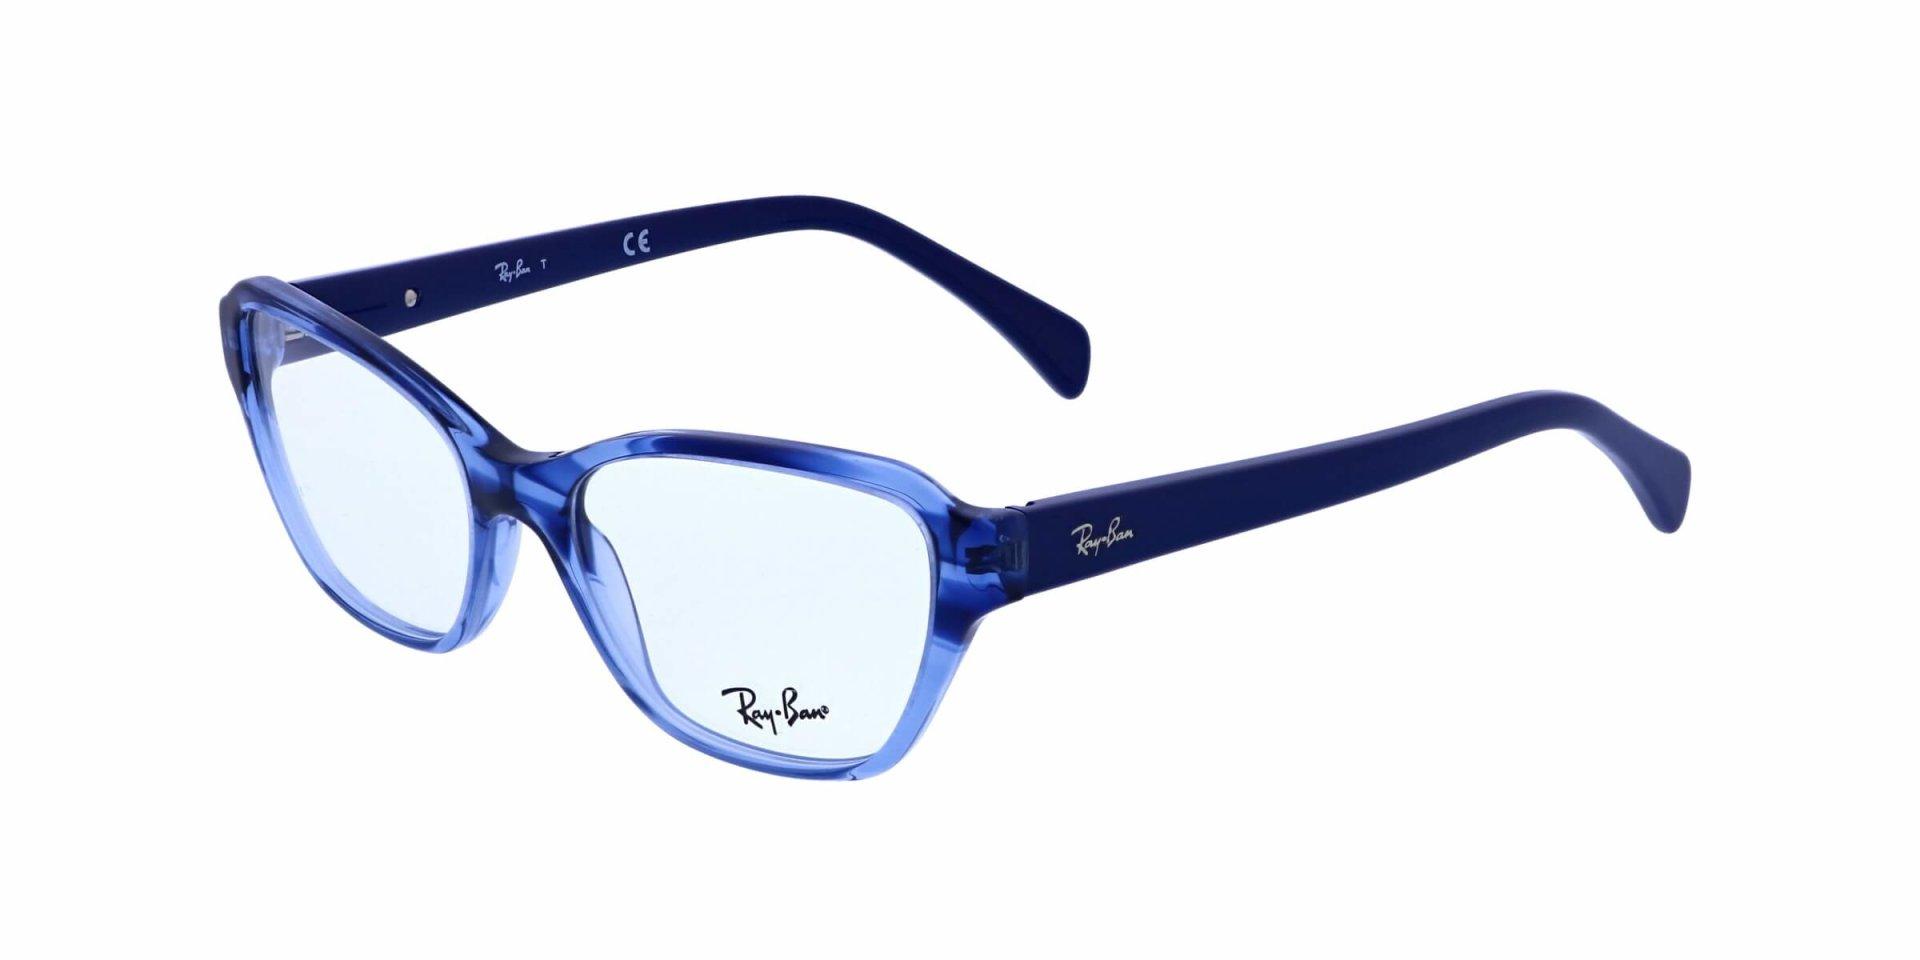 bca831fd6c Sunglasses RAY BAN | Opticlasa